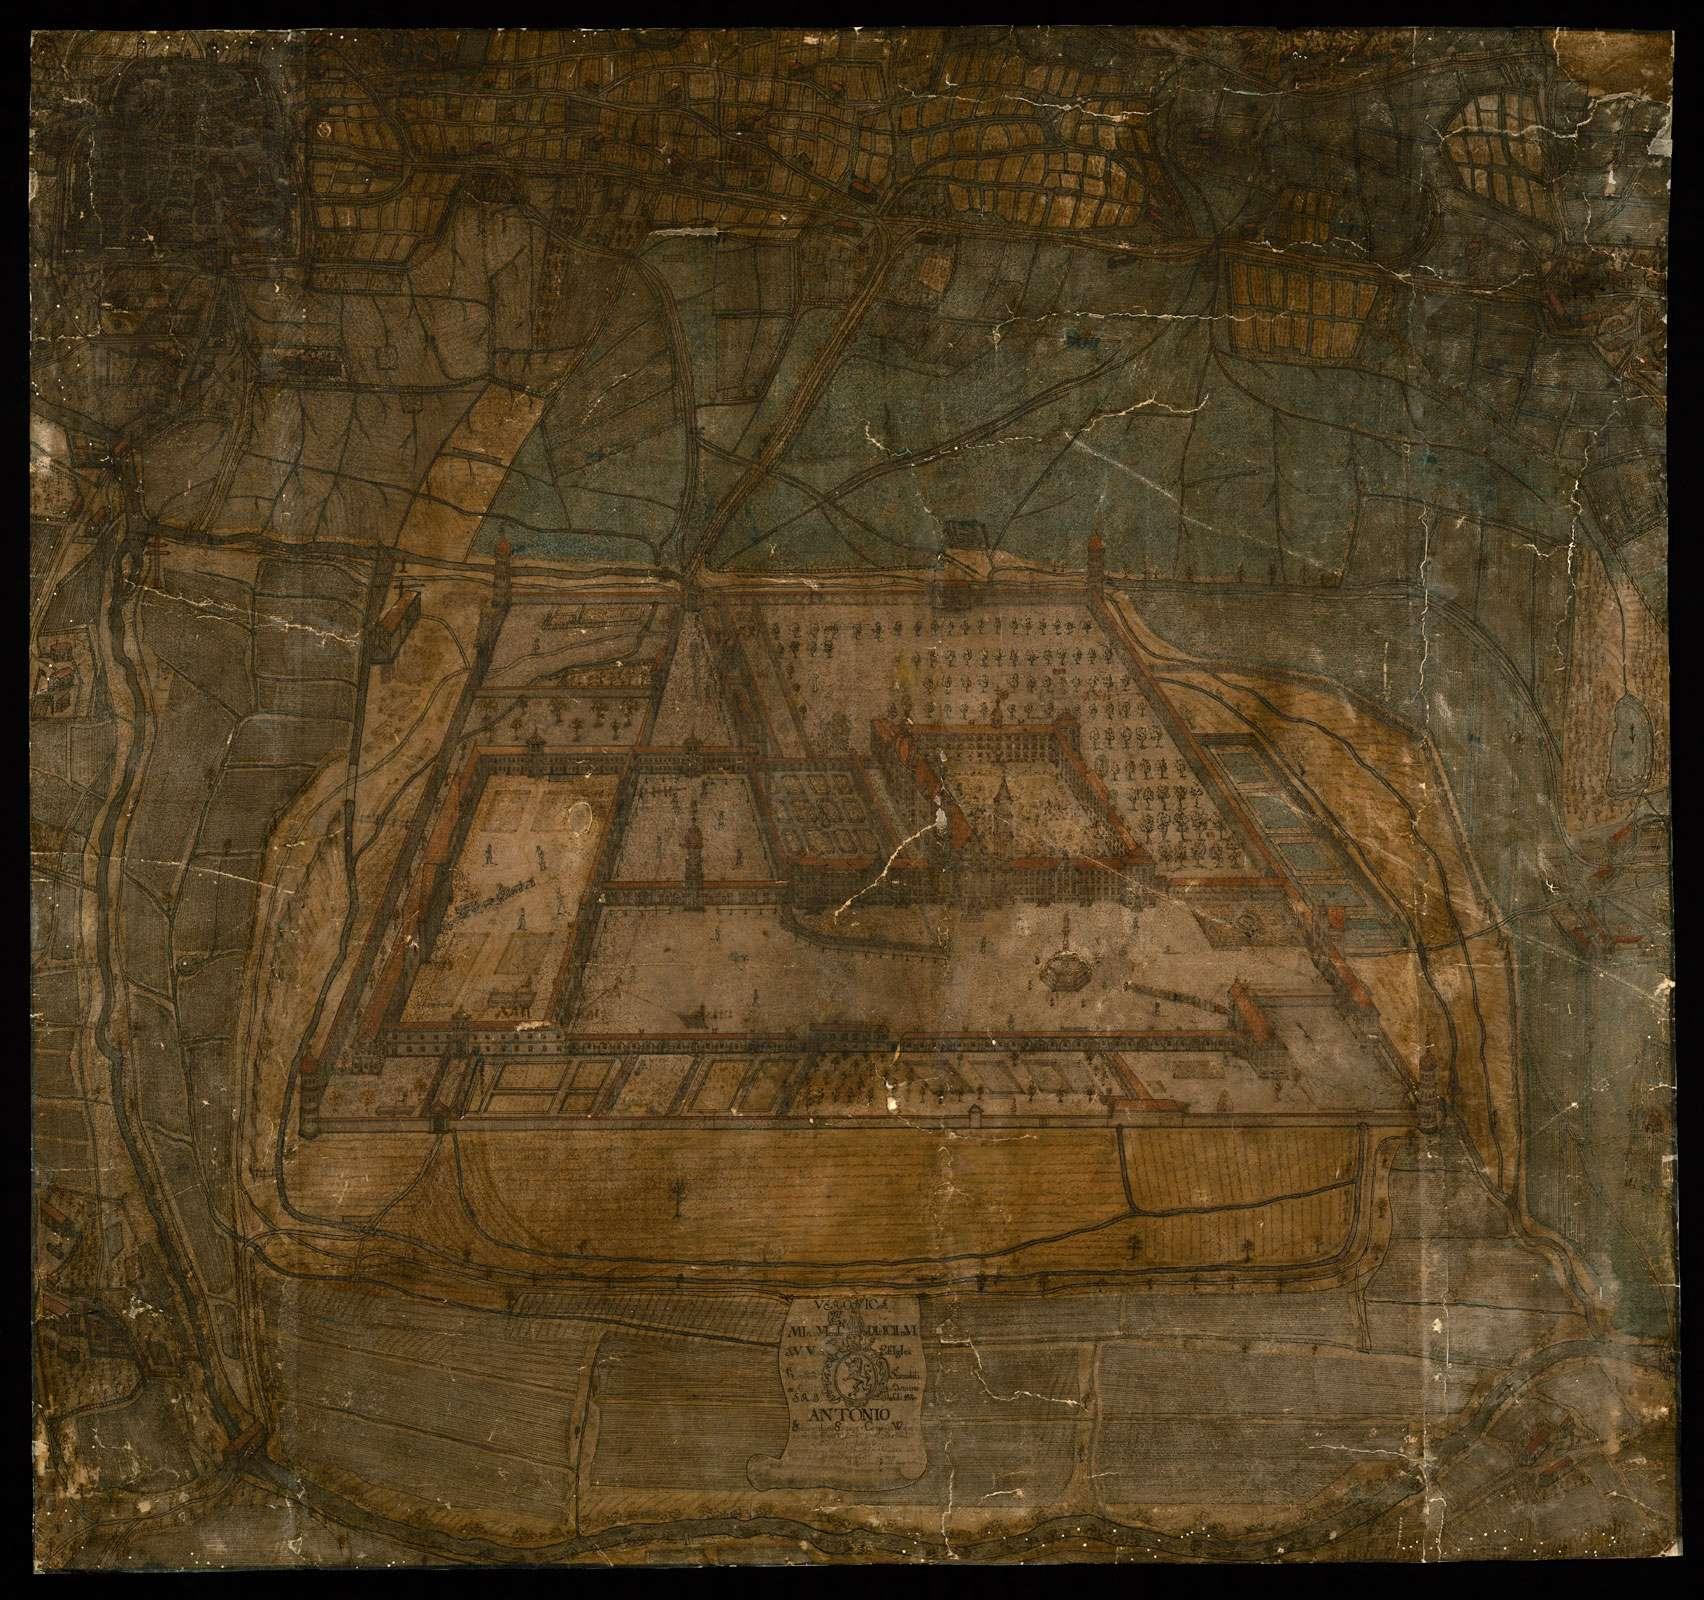 Weißenau: Eschach, Stadt Ravensburg, Lkr. Ravensburg Lateinischer Titel (1) [Prospekt der Klosteranlage Weißenau von Westen], Bild 2